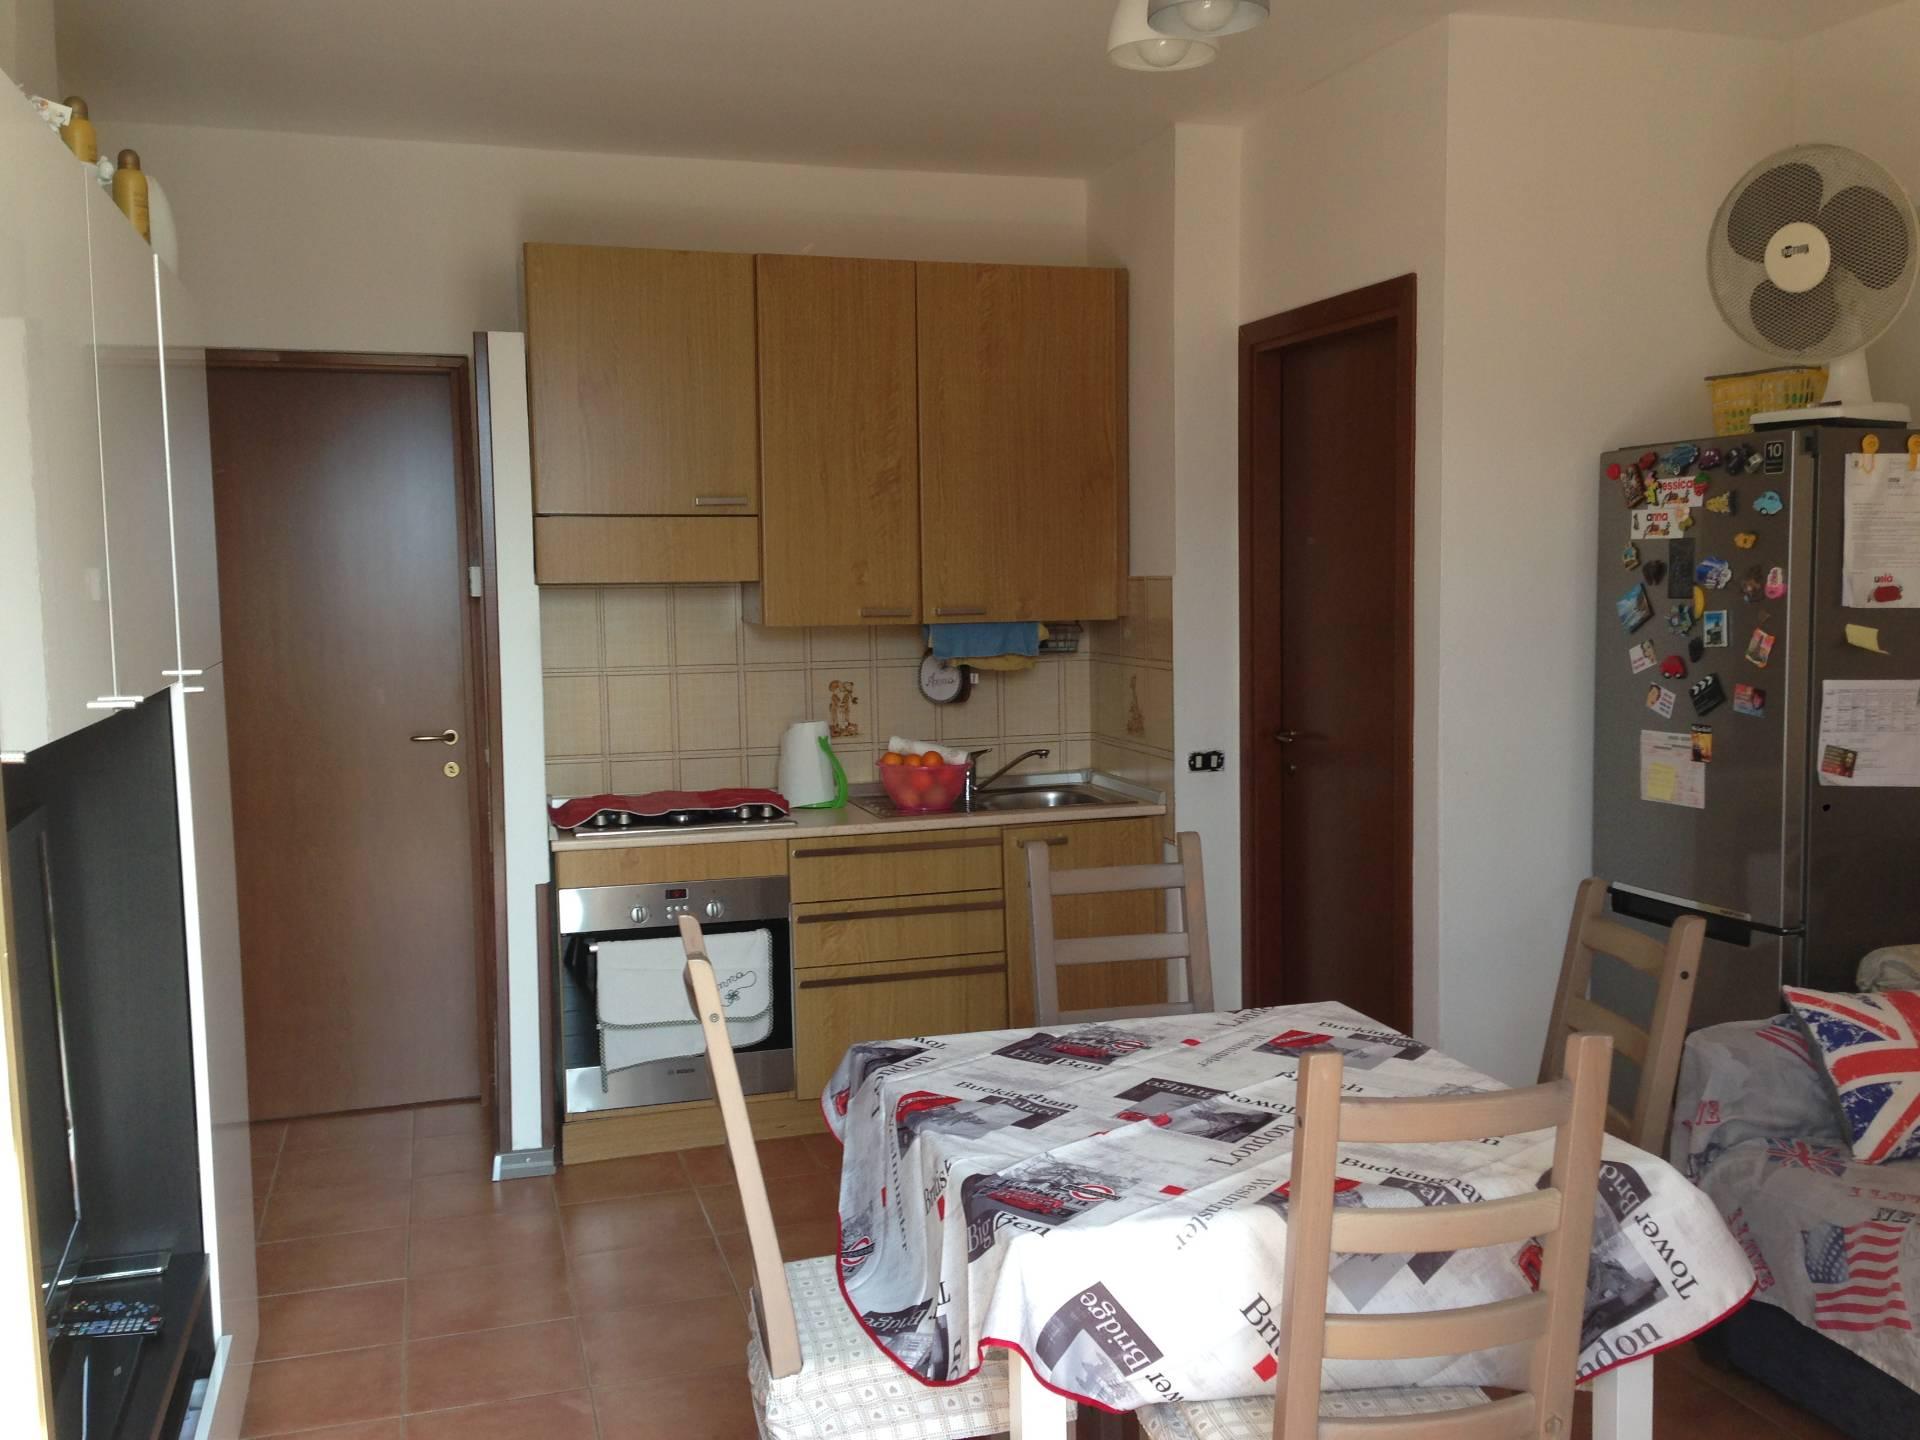 Appartamento in vendita a Calolziocorte, 2 locali, prezzo € 48.000 | Cambio Casa.it